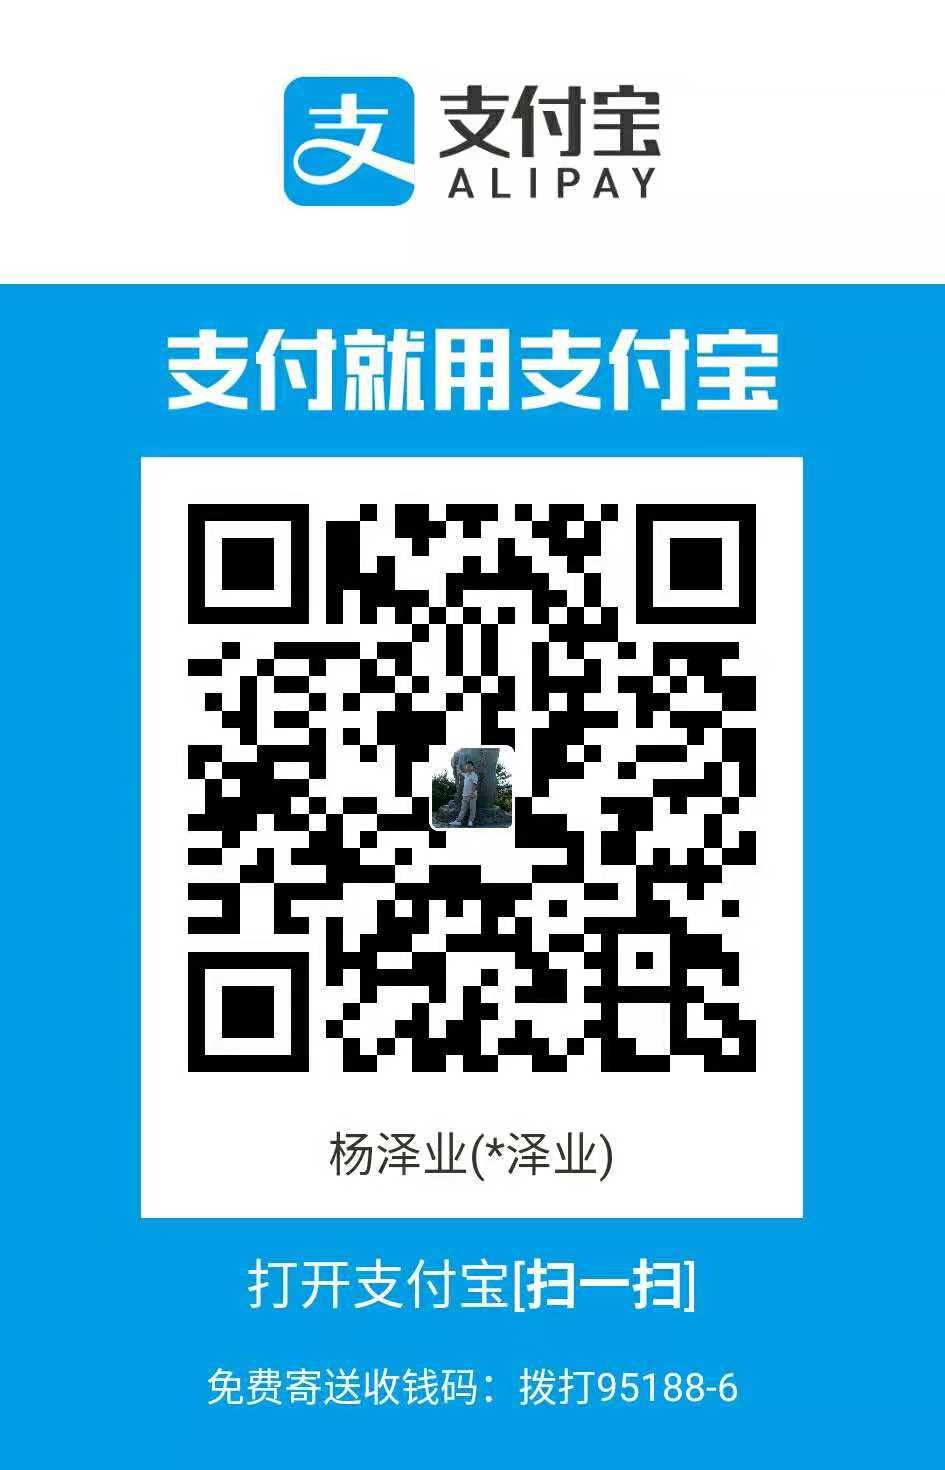 通过支付宝(350379853@qq.com)向杨泽业付款